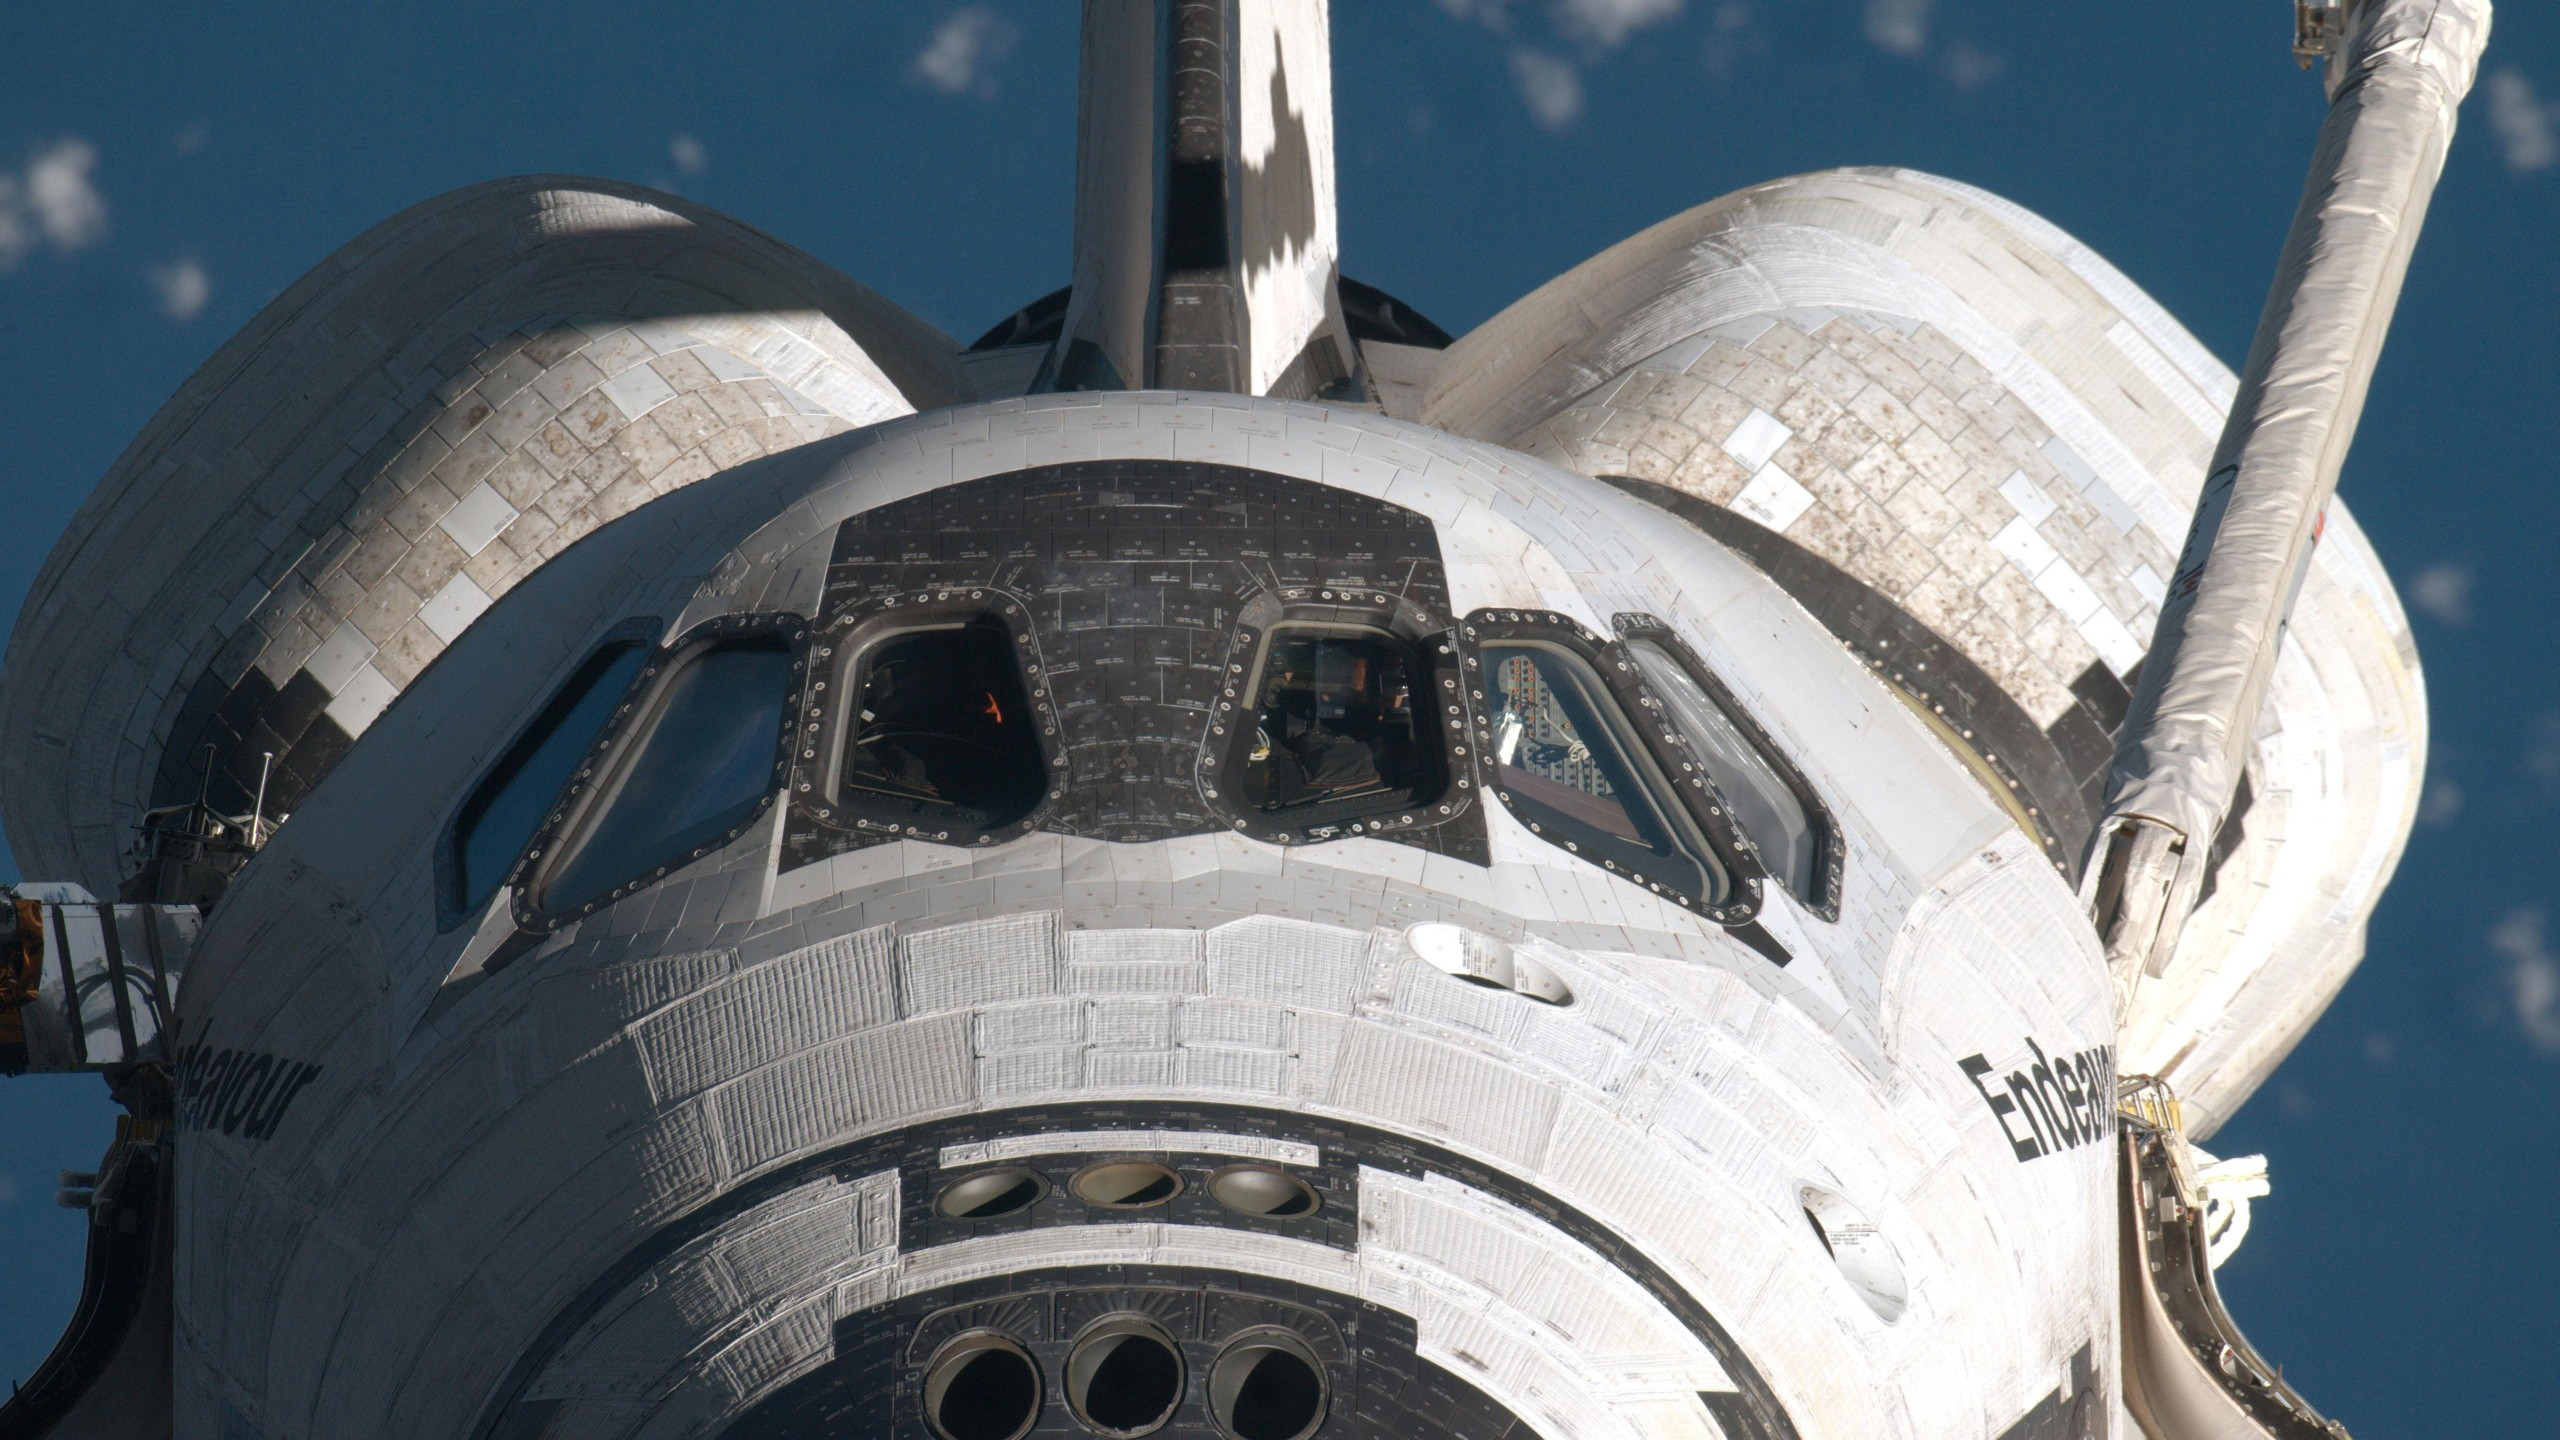 NASA Space Wallpaper 2560x1440 NASA, Space, Shuttle, Endeavour